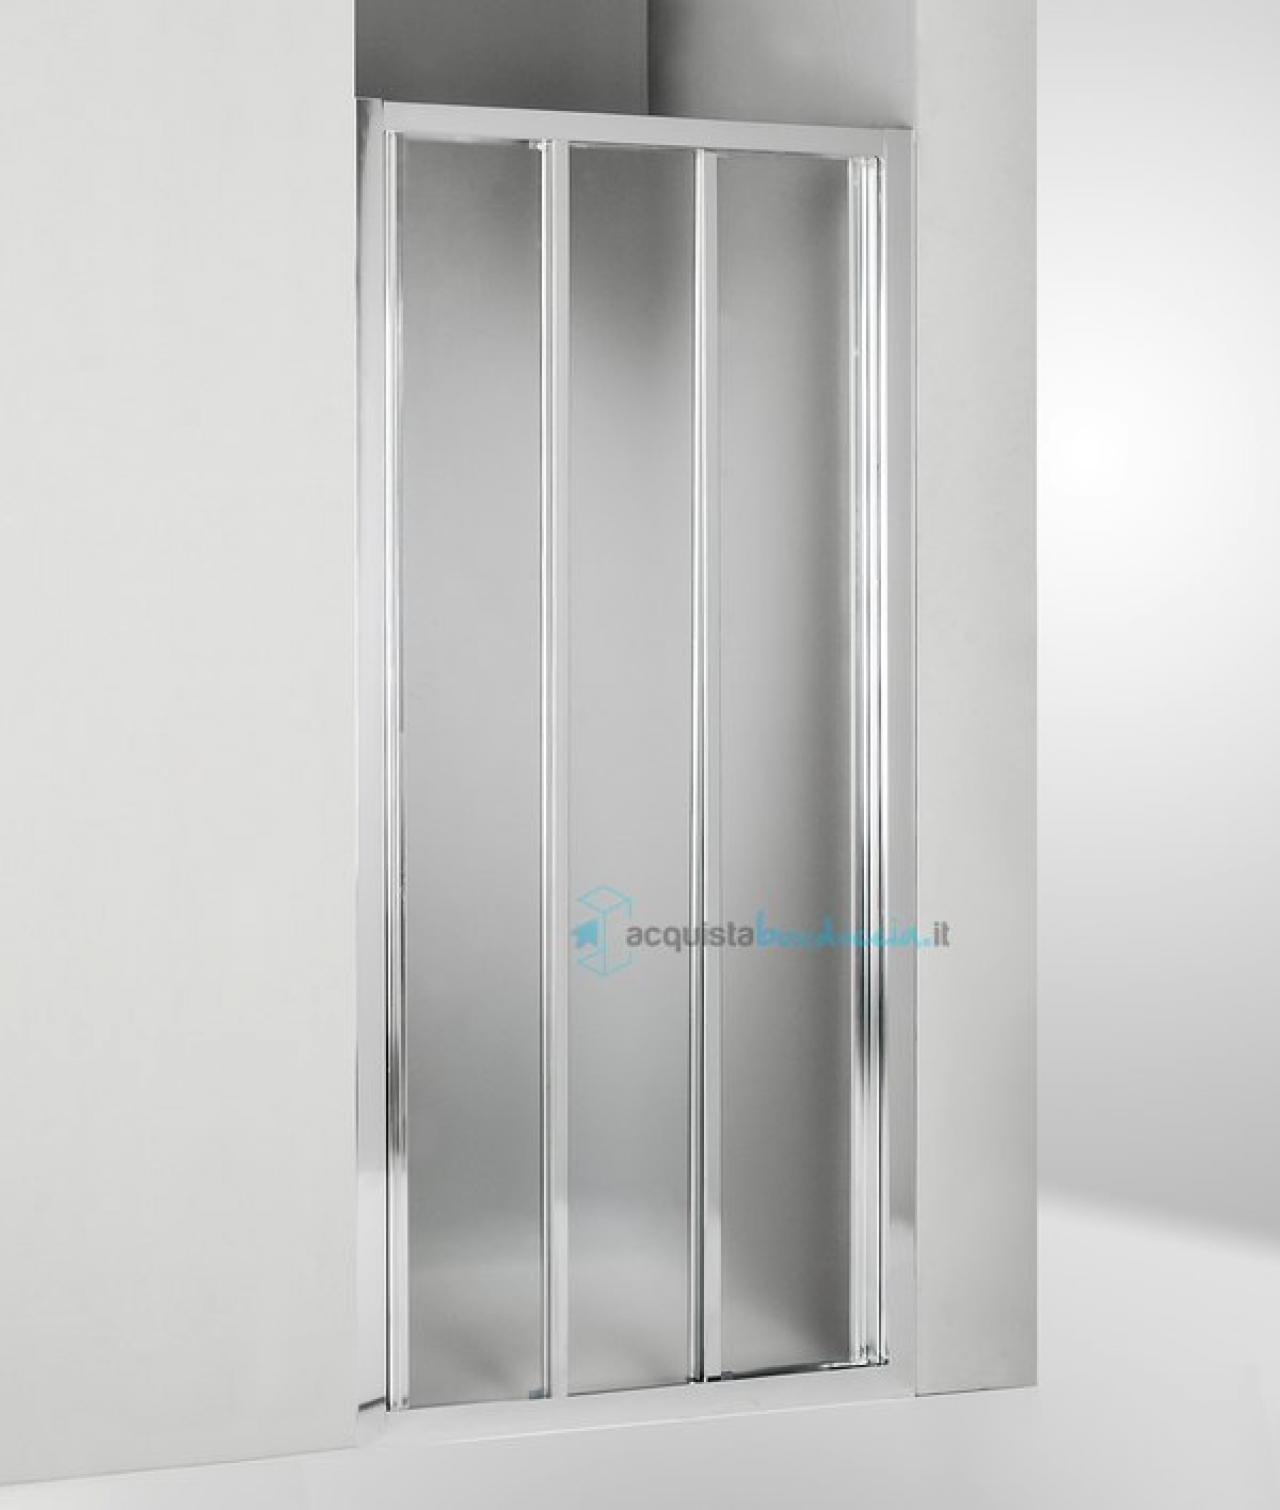 Porta per box doccia nicchia - prezzo outlet Vicenza   Fratelli ...